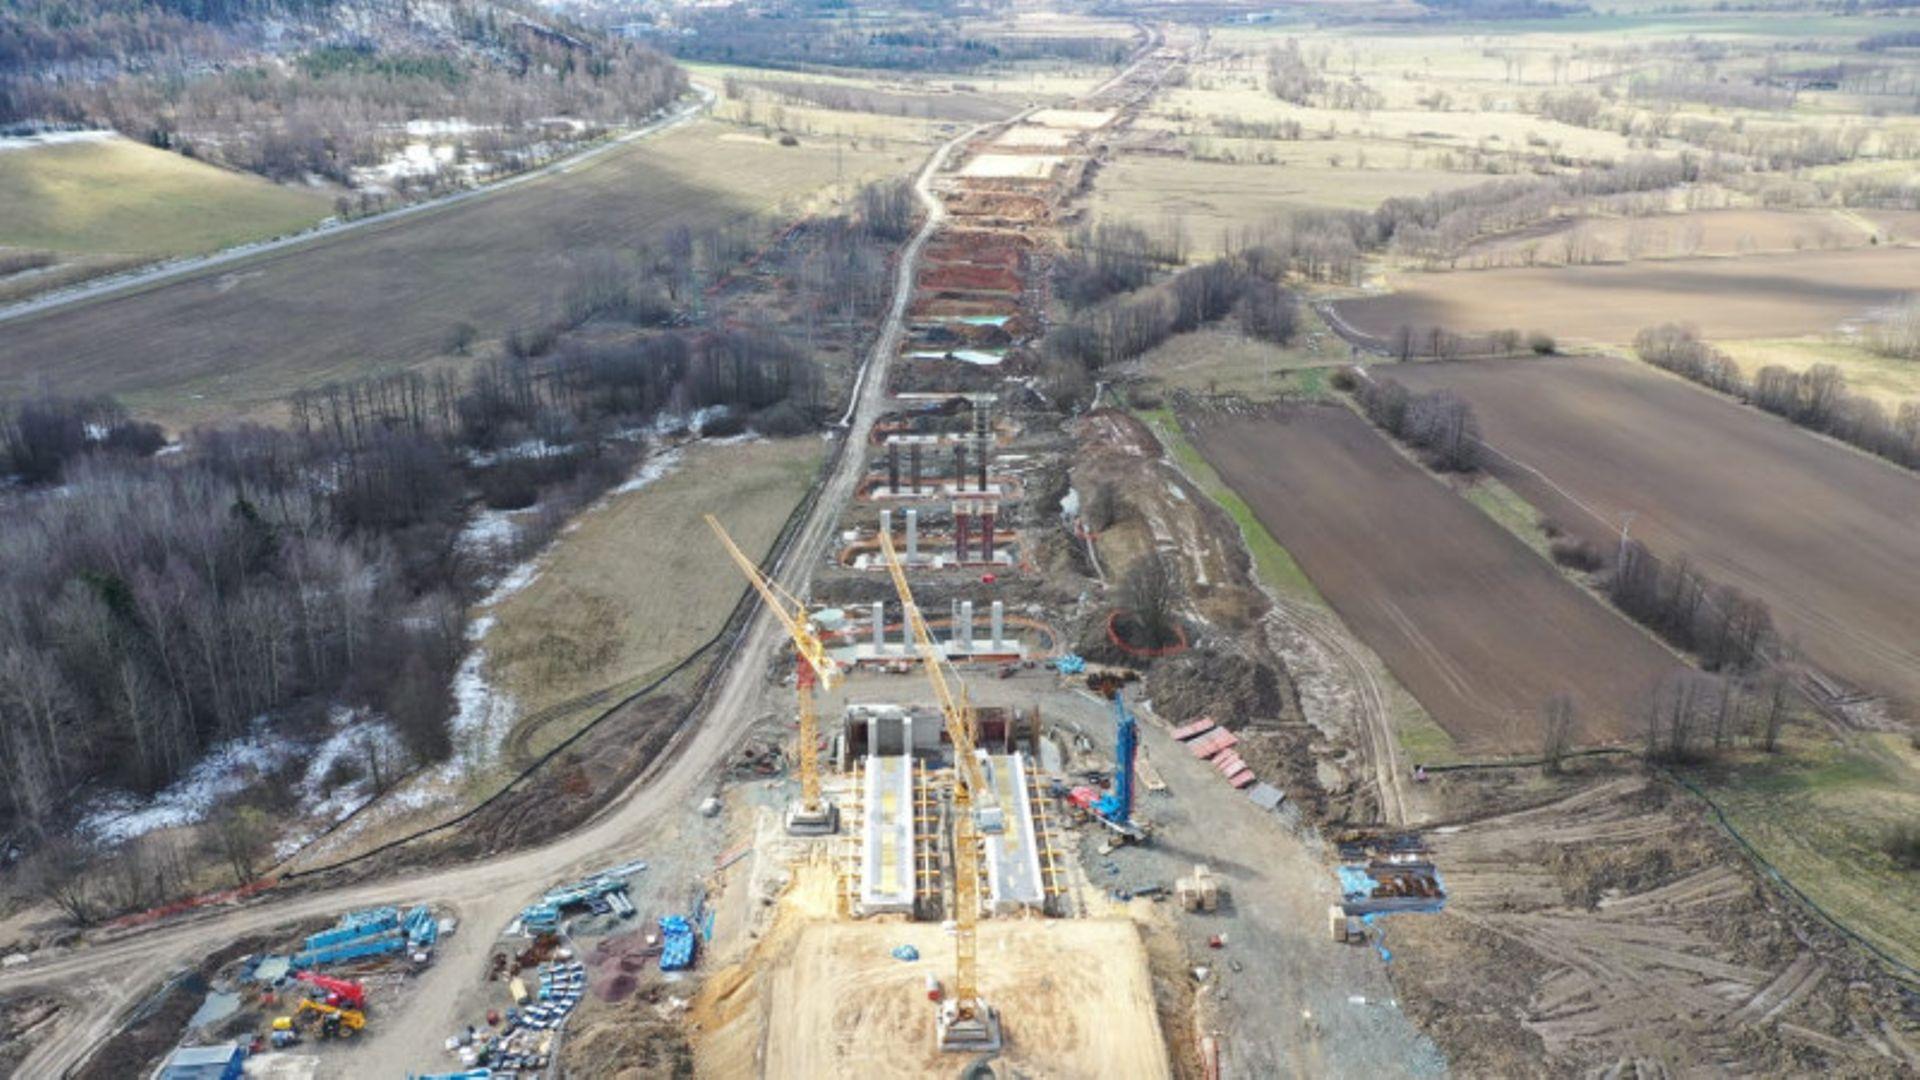 Prace na budowie drogi ekspresowej S3 pomiędzy Kamienną Górą a Lubawką nabierają rozpędu